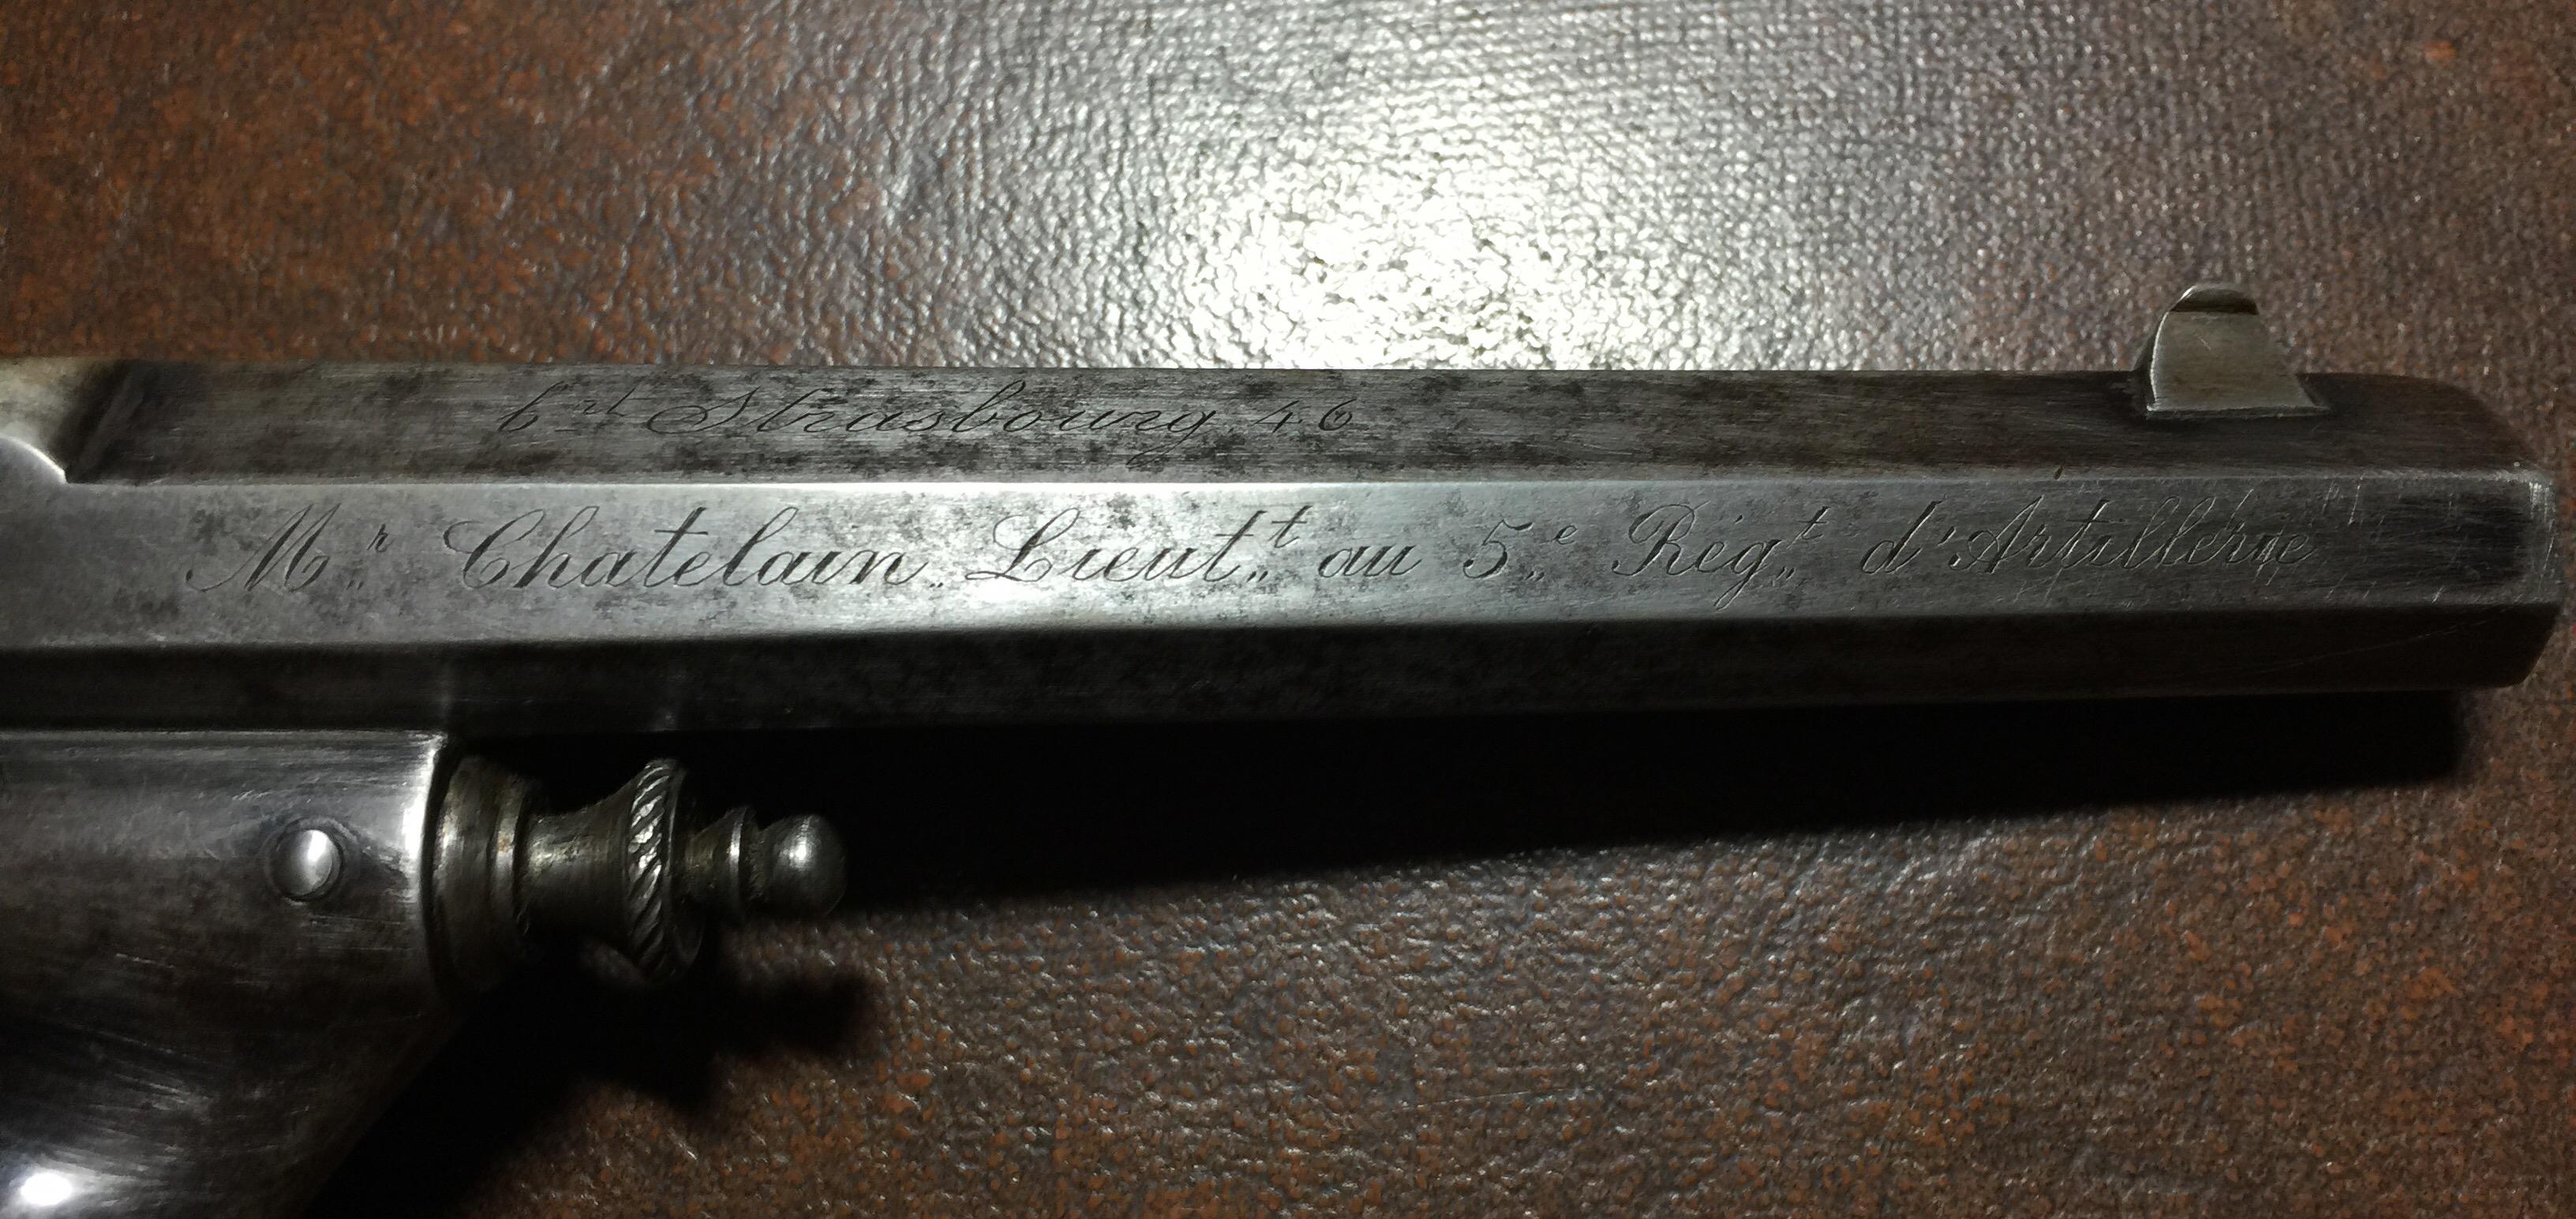 Revolver type warnant en 11mm 73 à brisure du Général Chatelain: Mr Chatelain, Lieutenant au 5e régiment d'artillerie